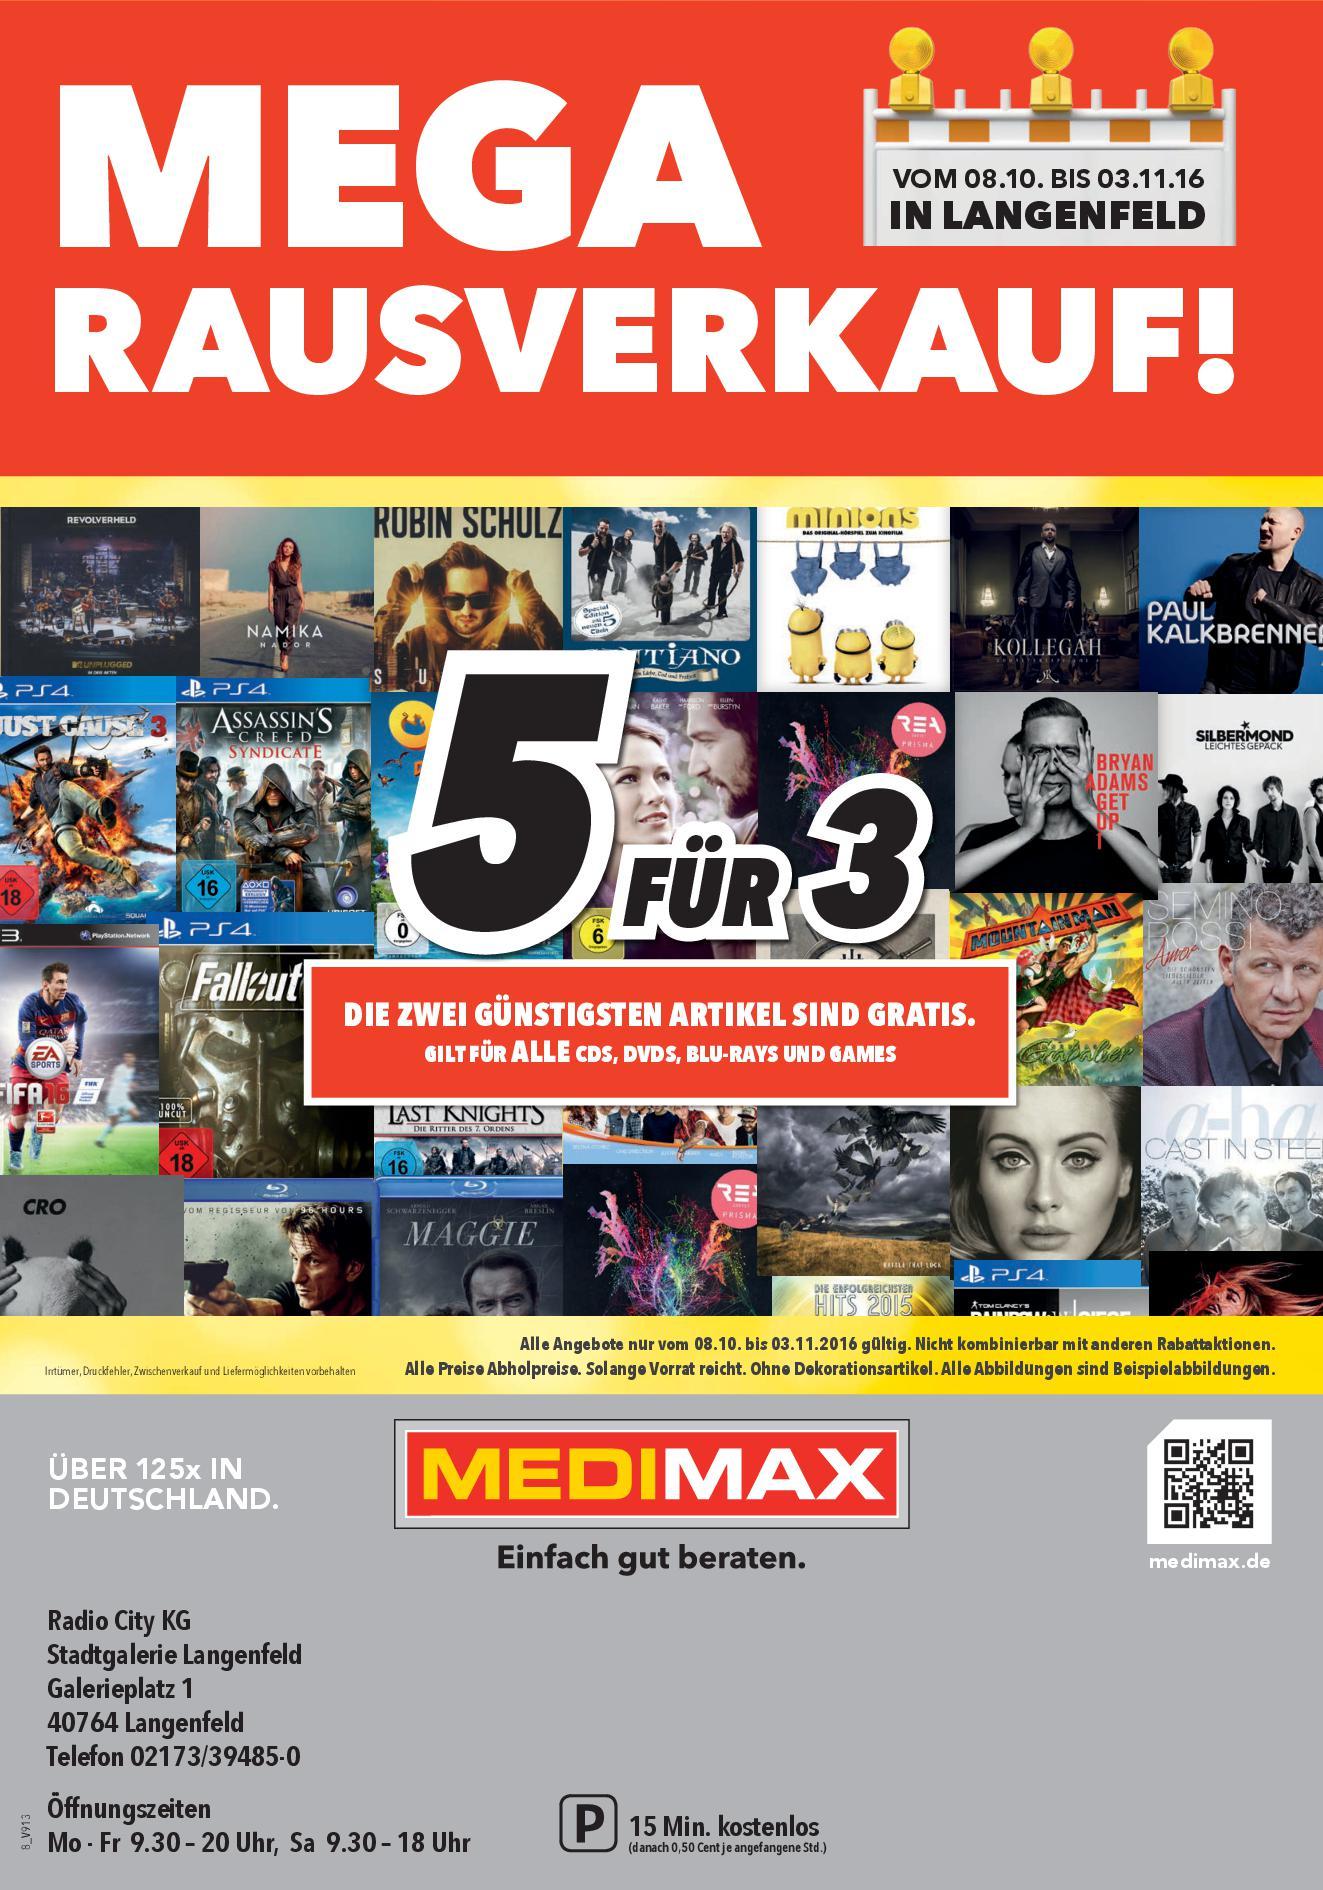 5 Spiele zum Preis von 3  (40% Rabat möglich) [MEDIMAX Langenfeld - LOKAL] Nachtrag: Filme/Musik auch 5 für 3